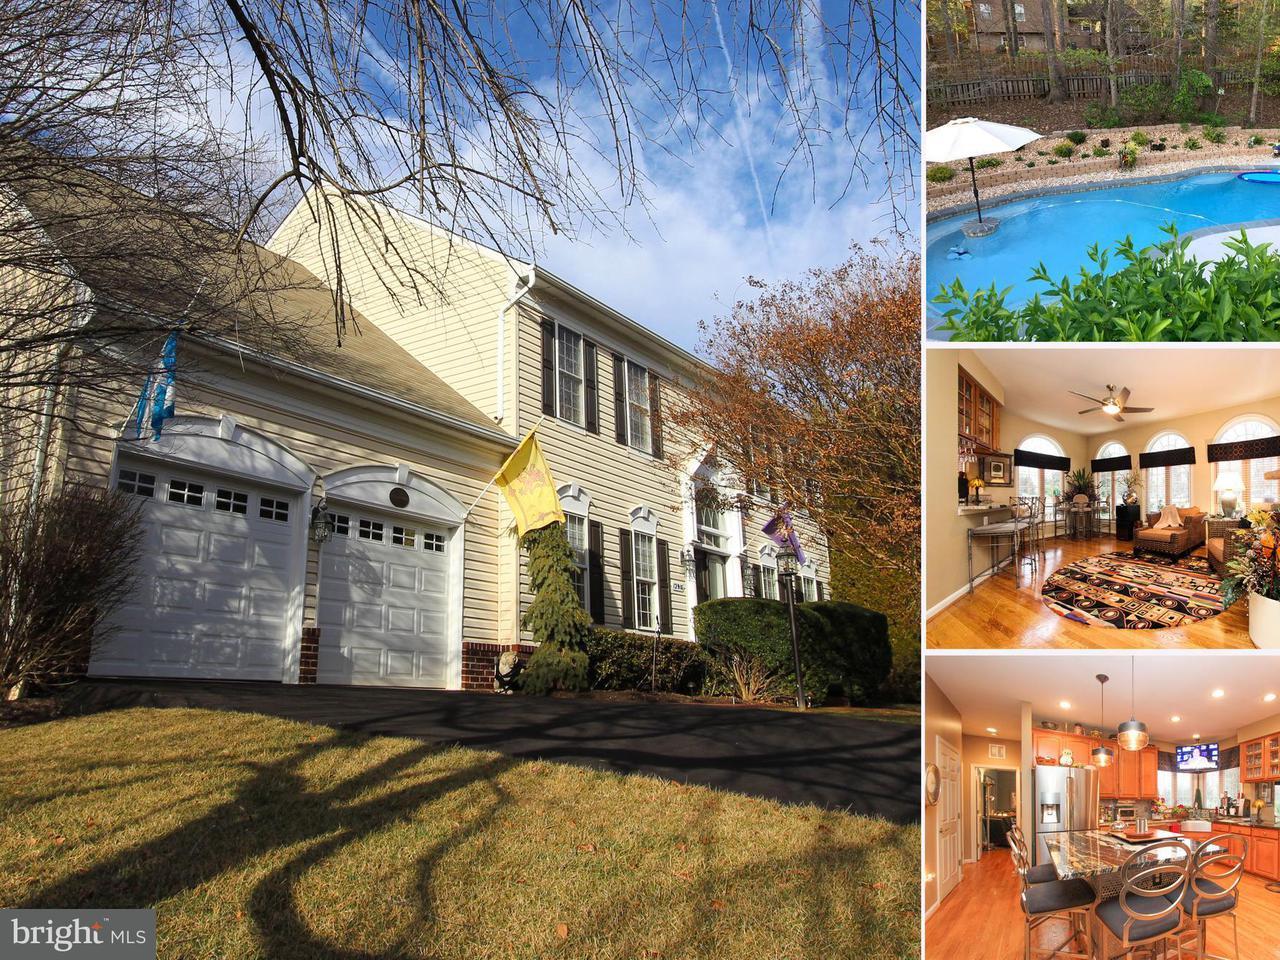 Μονοκατοικία για την Πώληση στο 12916 Champlain Drive 12916 Champlain Drive Manassas, Βιρτζινια 20112 Ηνωμενεσ Πολιτειεσ